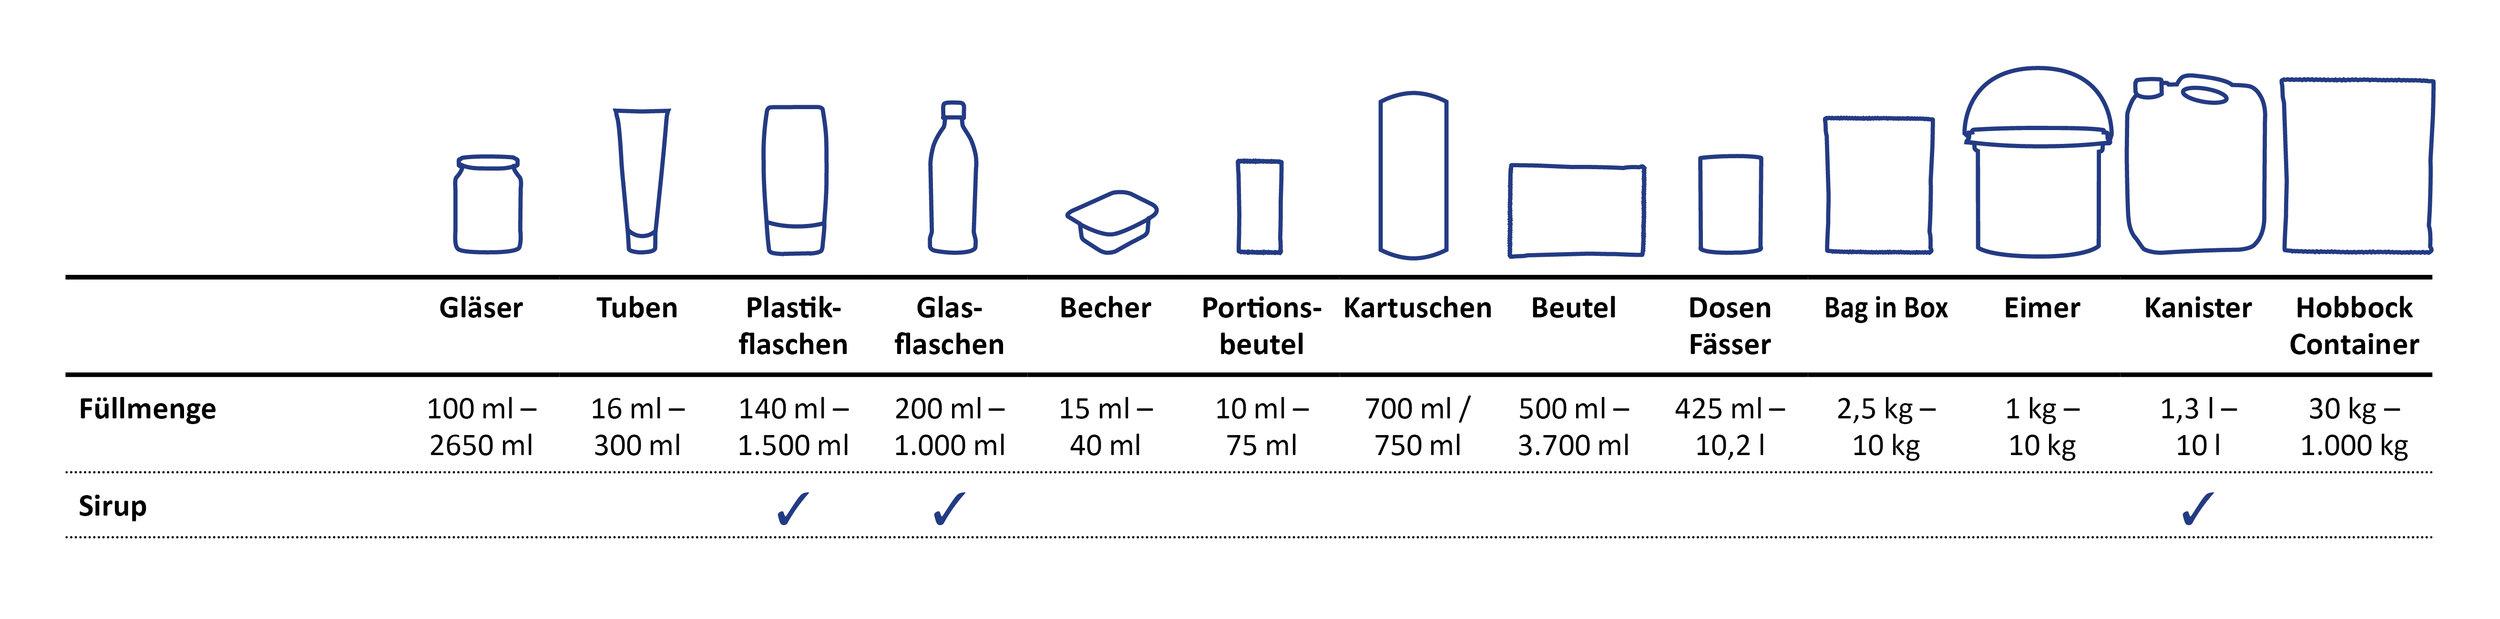 verpackungsuebersicht -sueko-sirup.jpg